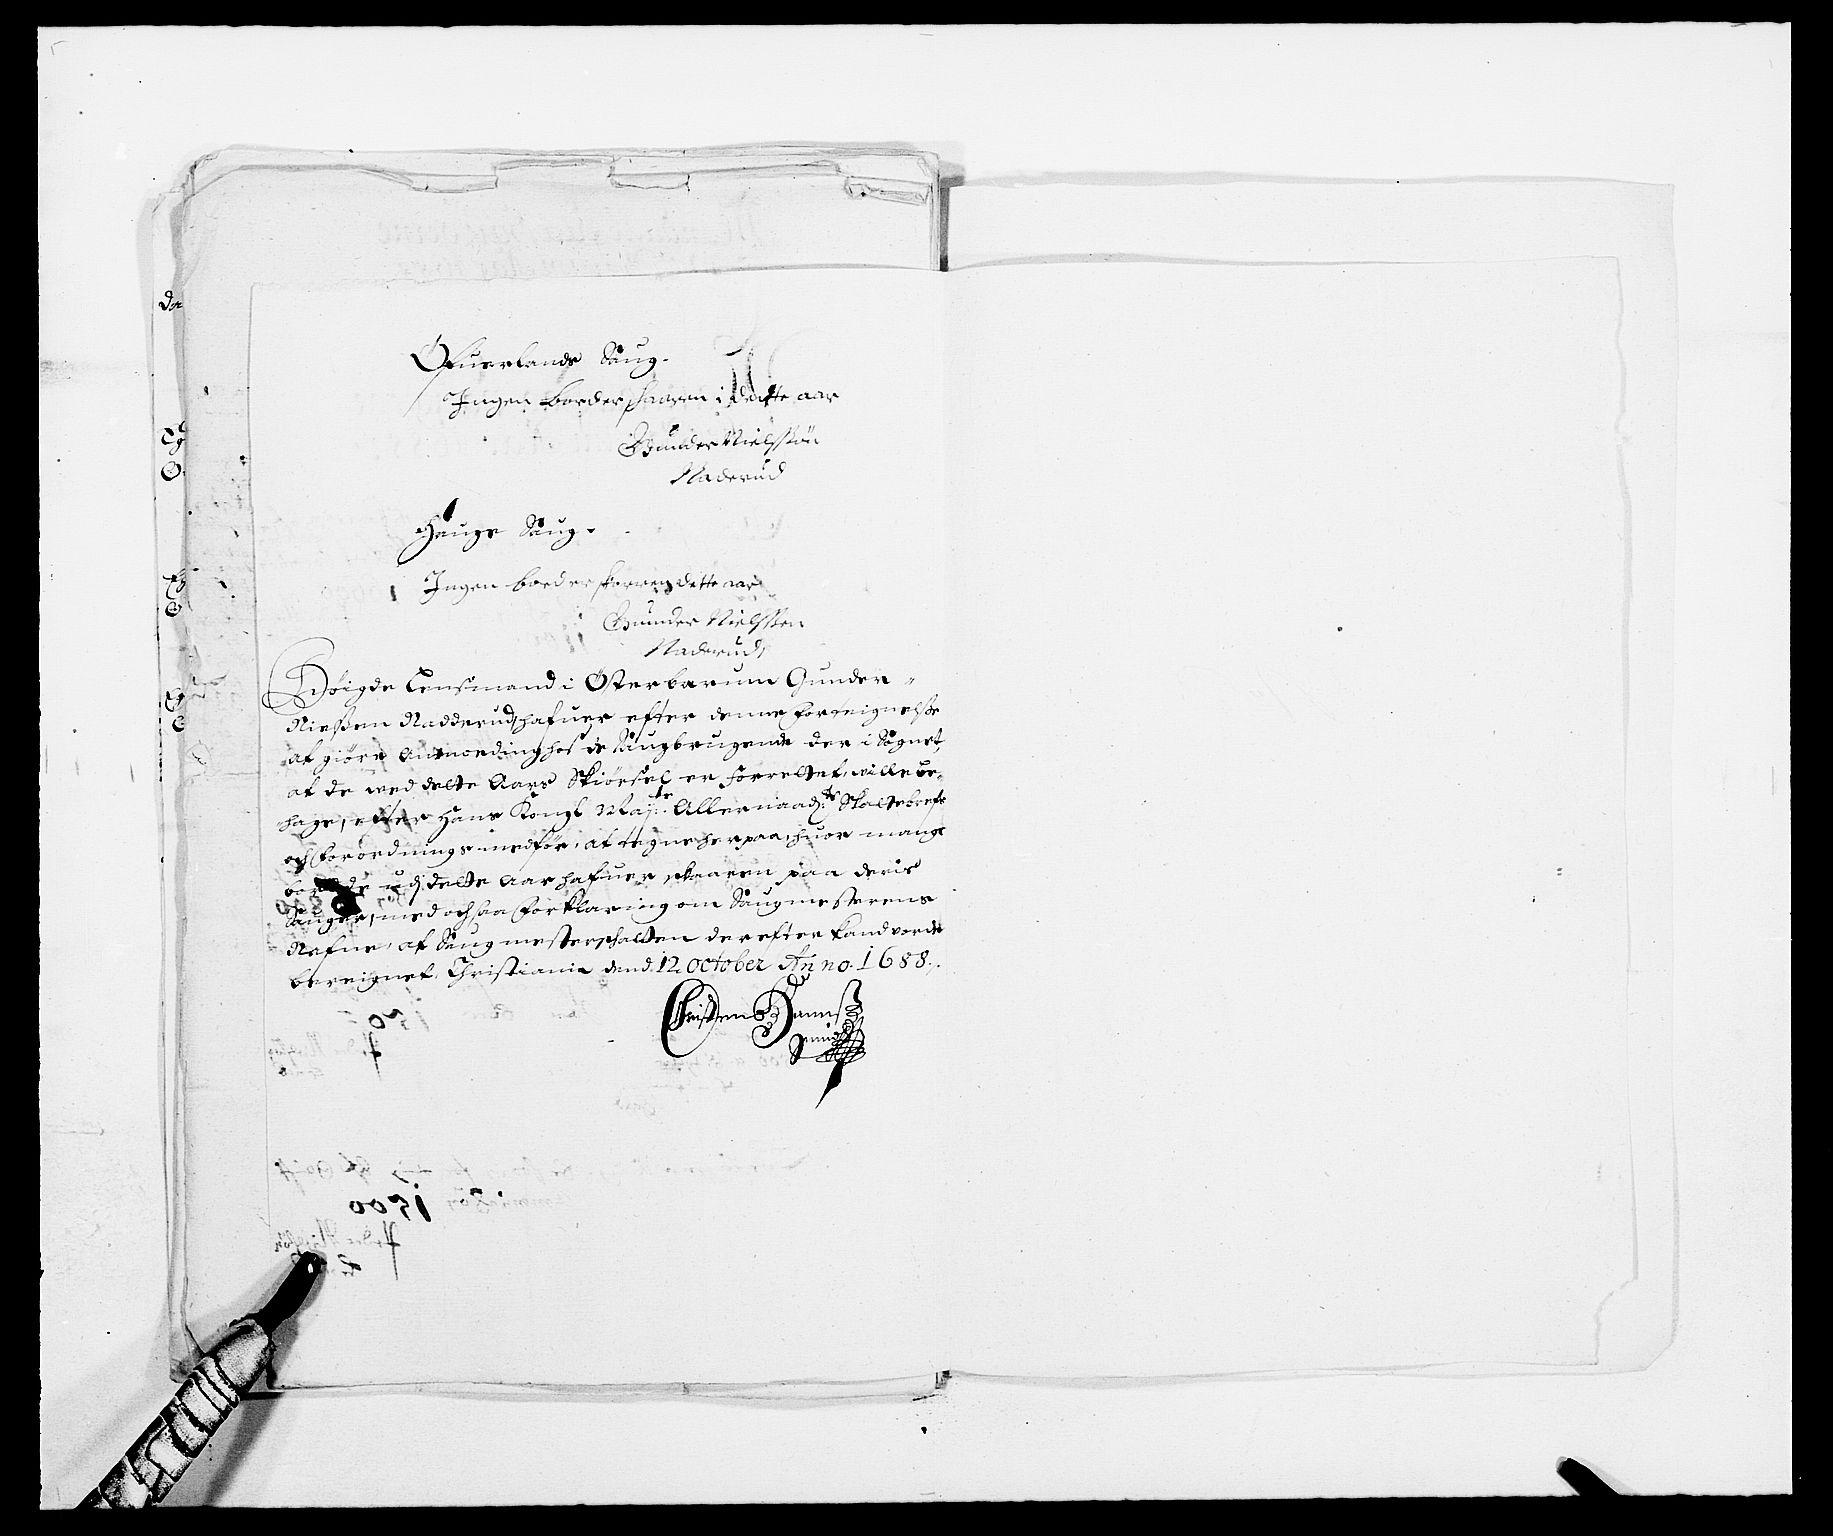 RA, Rentekammeret inntil 1814, Reviderte regnskaper, Fogderegnskap, R08/L0422: Fogderegnskap Aker, 1684-1686, s. 348